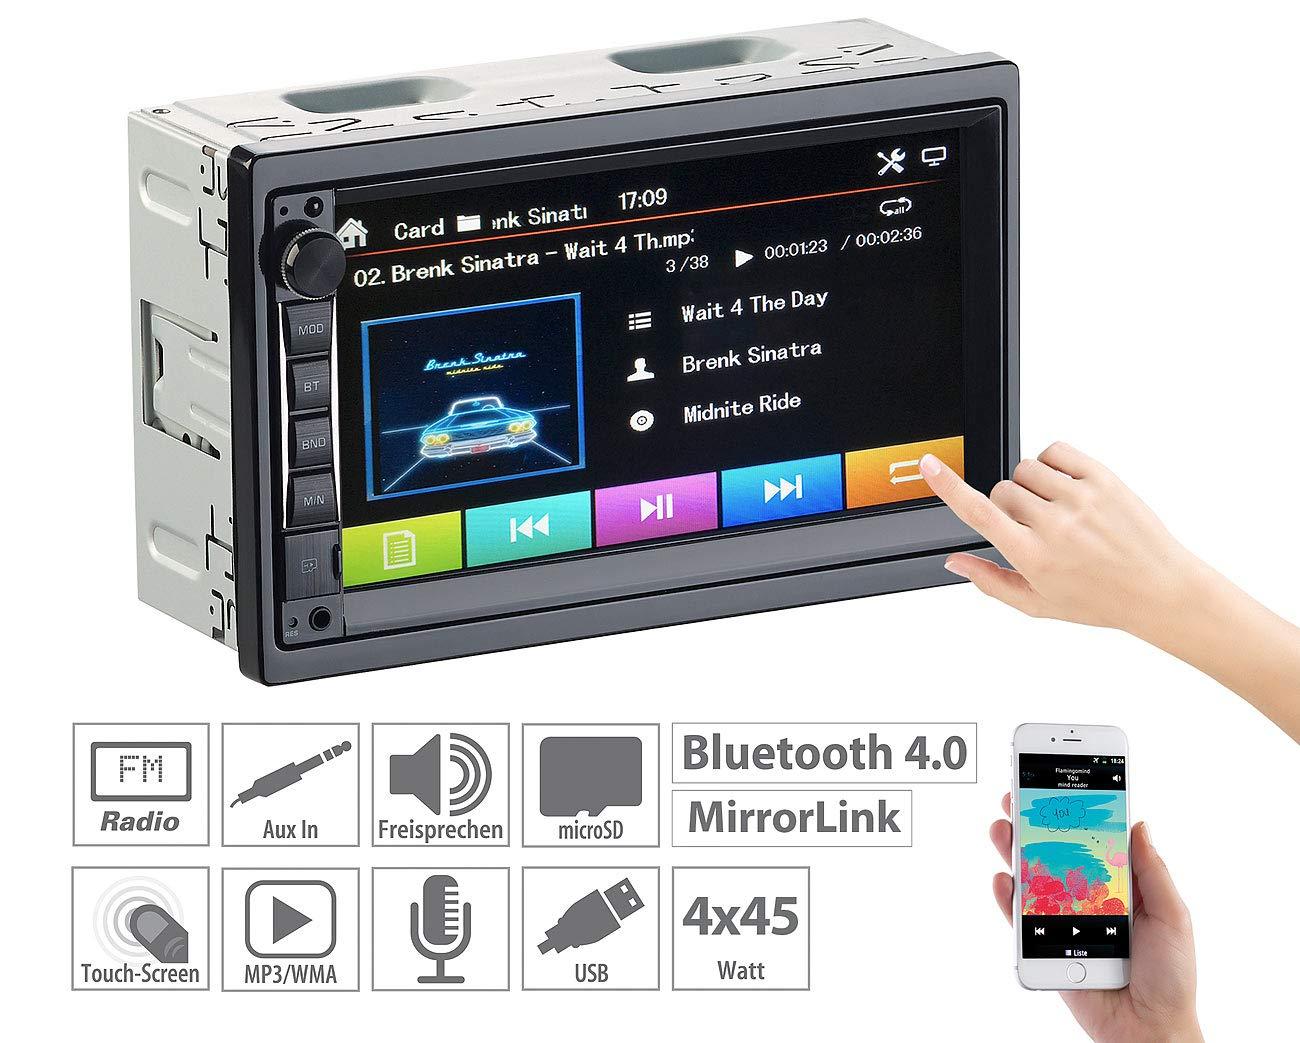 Creasono-DIN2-Radio-2-DIN-MP3-Autoradio-mit-Touchdisplay-Bluetooth-Freisprecher-4X-45-W-Radio-2-DIN